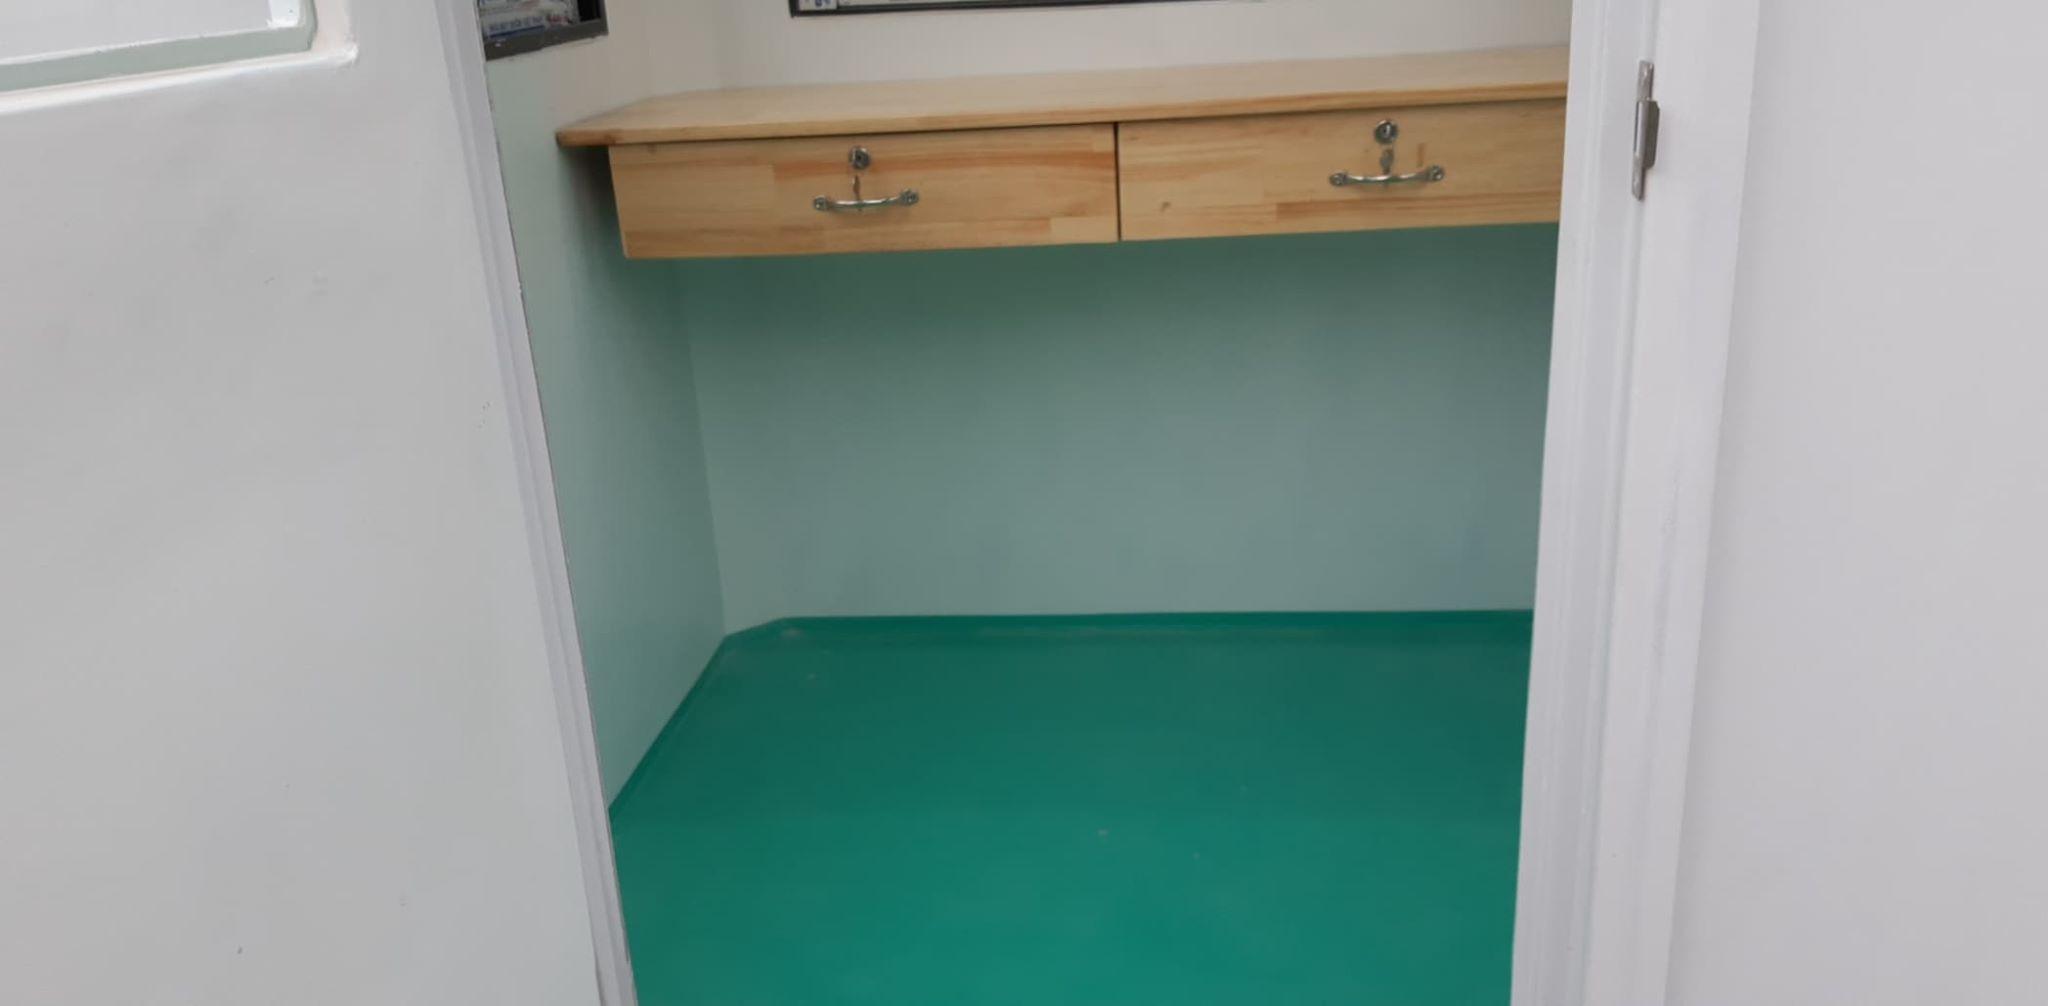 Ngoại trừ model 1.9x2.15 còn lại tất cả cabin bảo vệ cỡ nhỏ khác đều được trang bị bàn làm việc gắn tường bằng gỗ tự nhiên